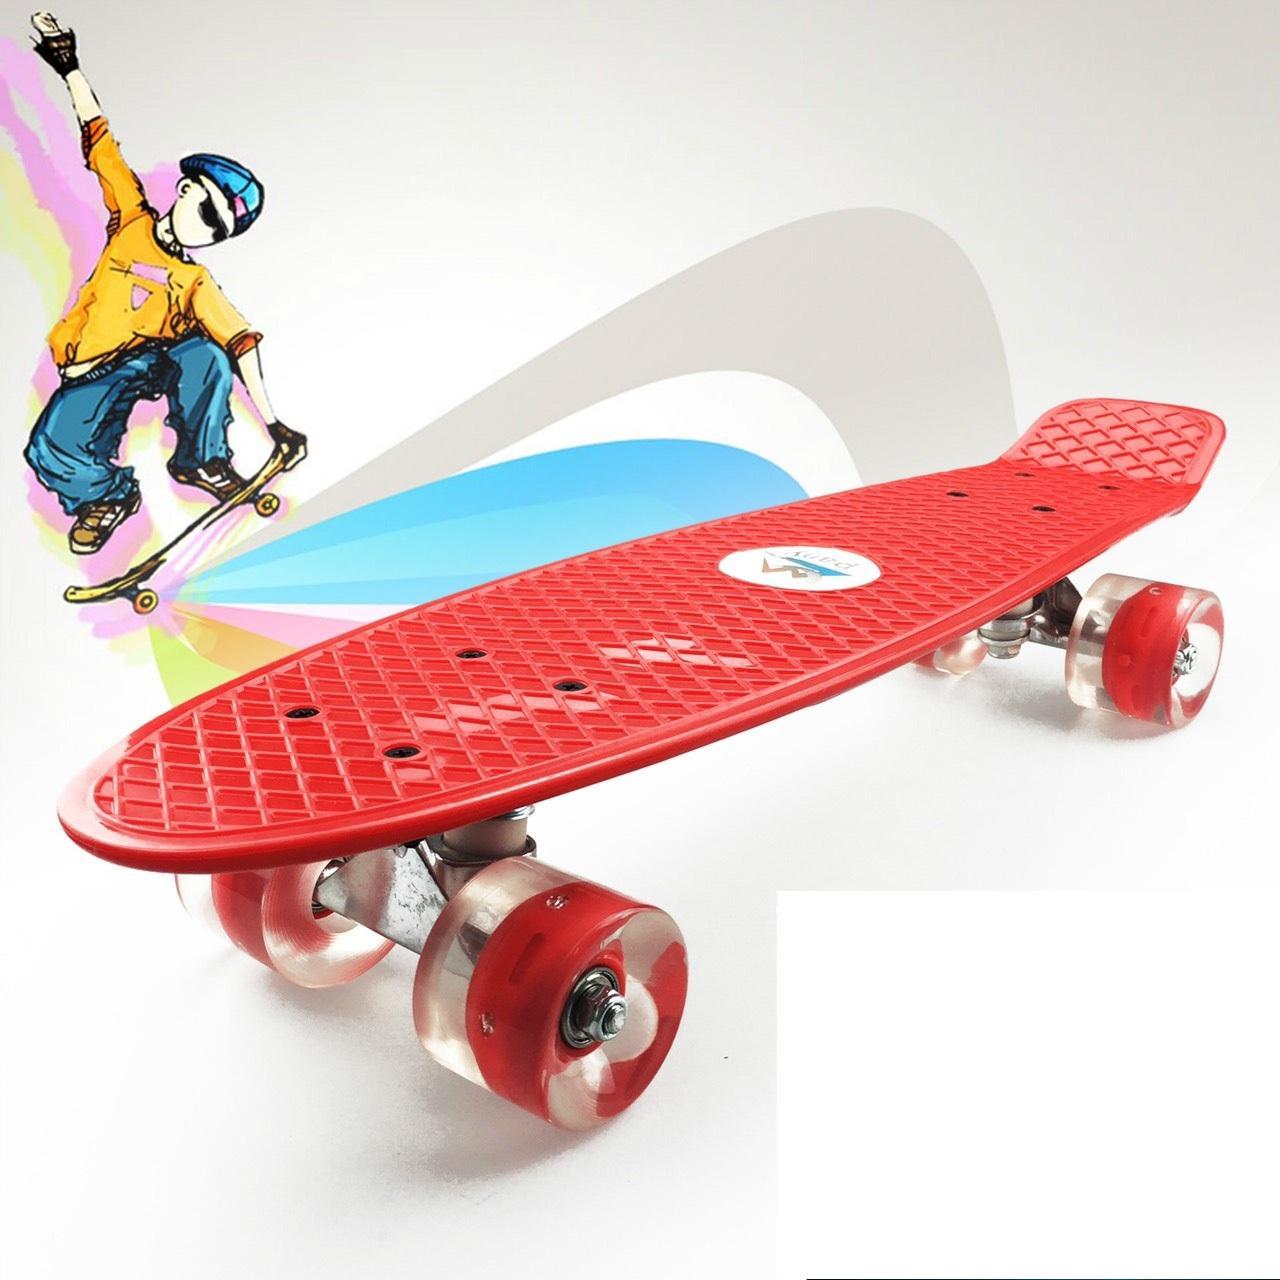 Mua Ván Trượt Skateboard, Loại Lớn, Dành Cho Trẻ Em Người Lớn